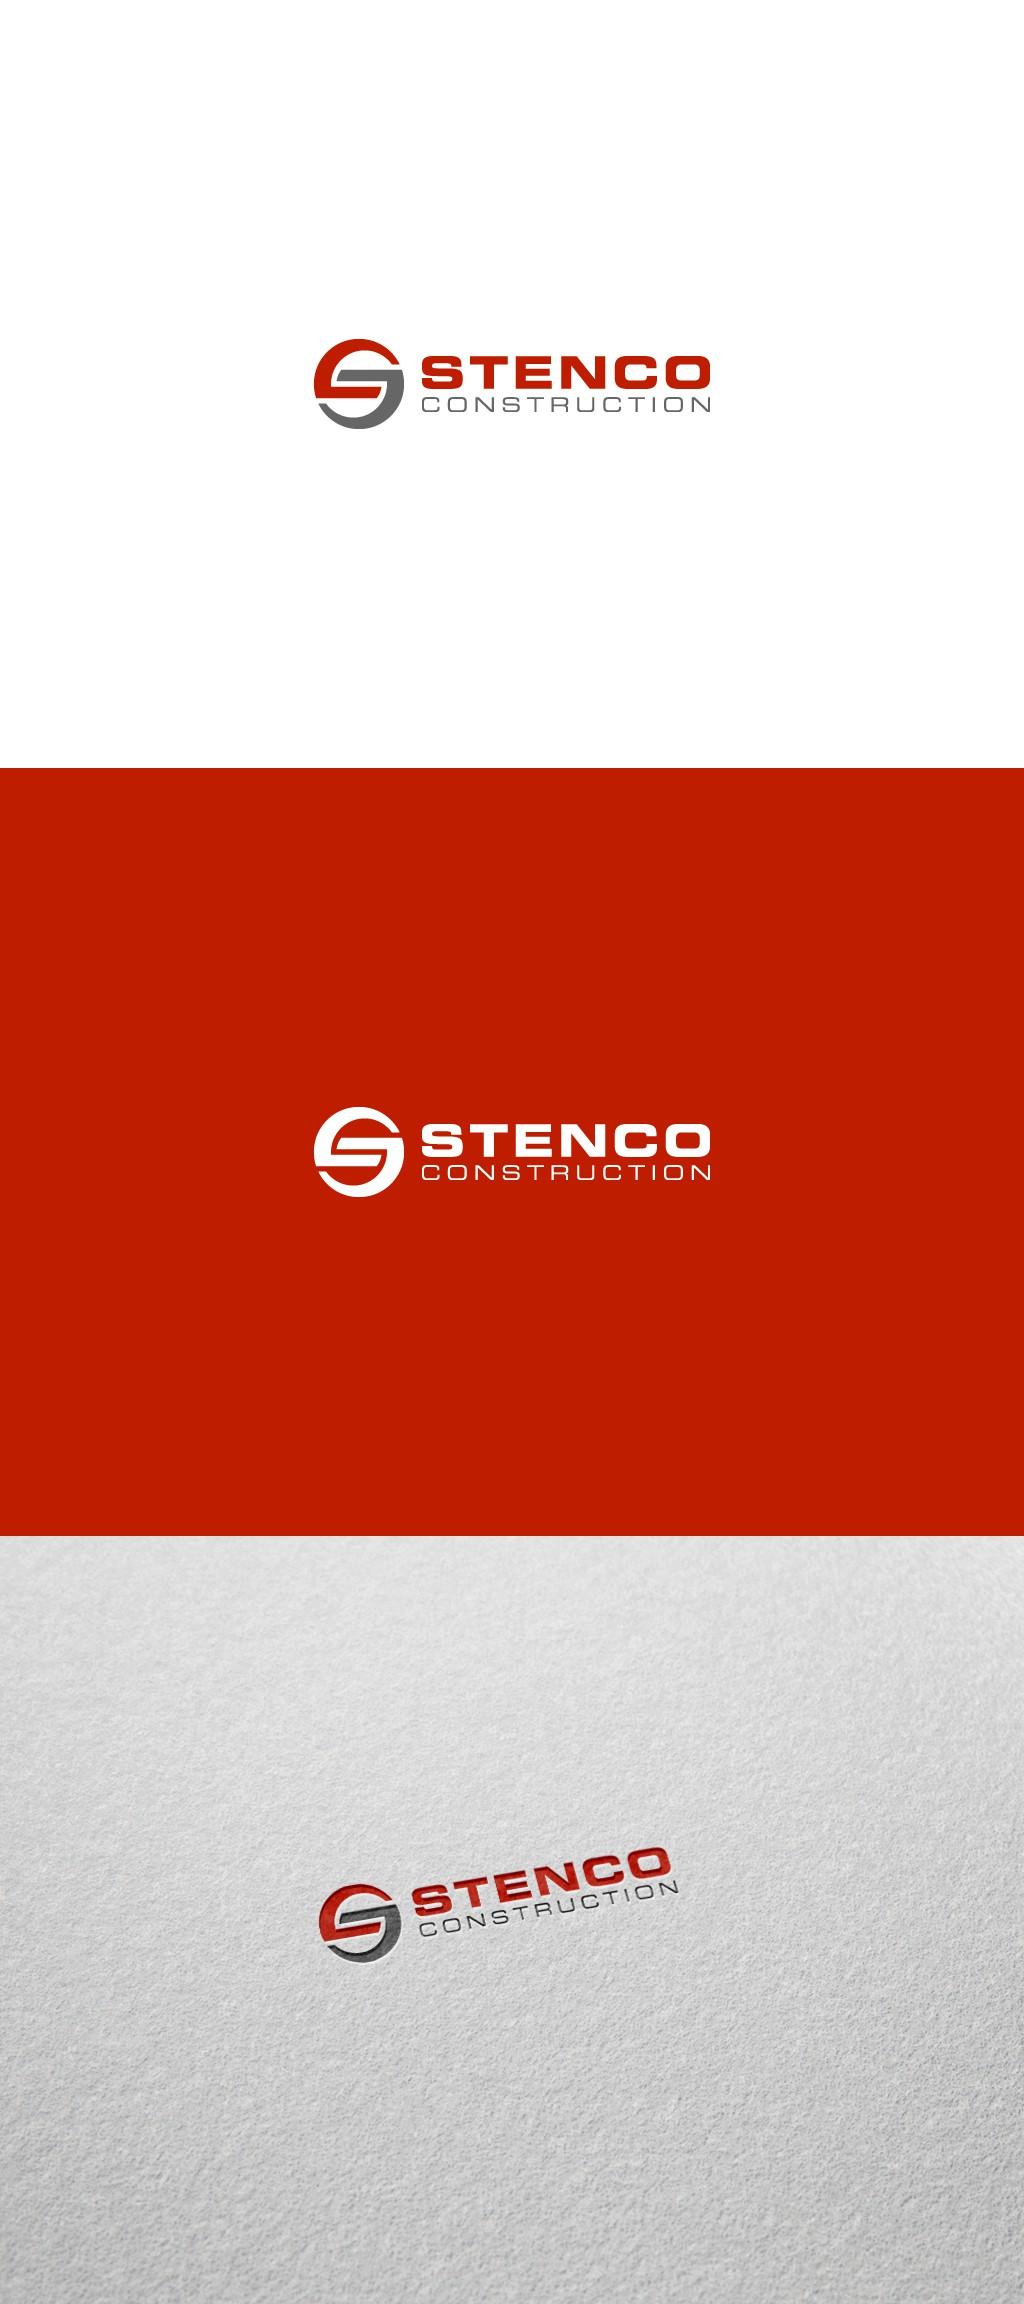 Create a fresh clean logo for Stenco Construction